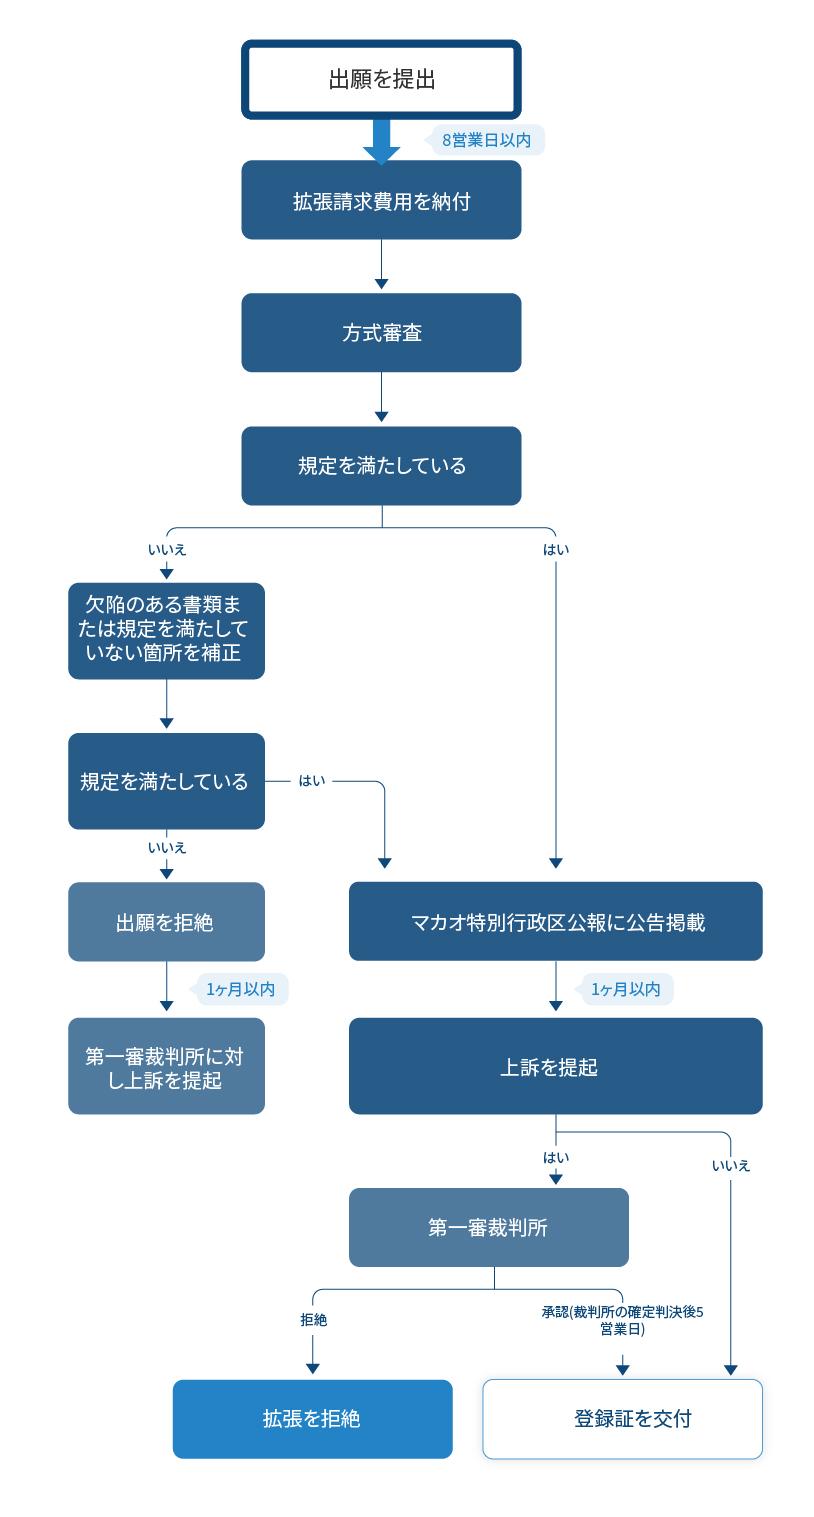 中国国家知識産権局により授権が認められた発明特許の拡張請求フローチャート